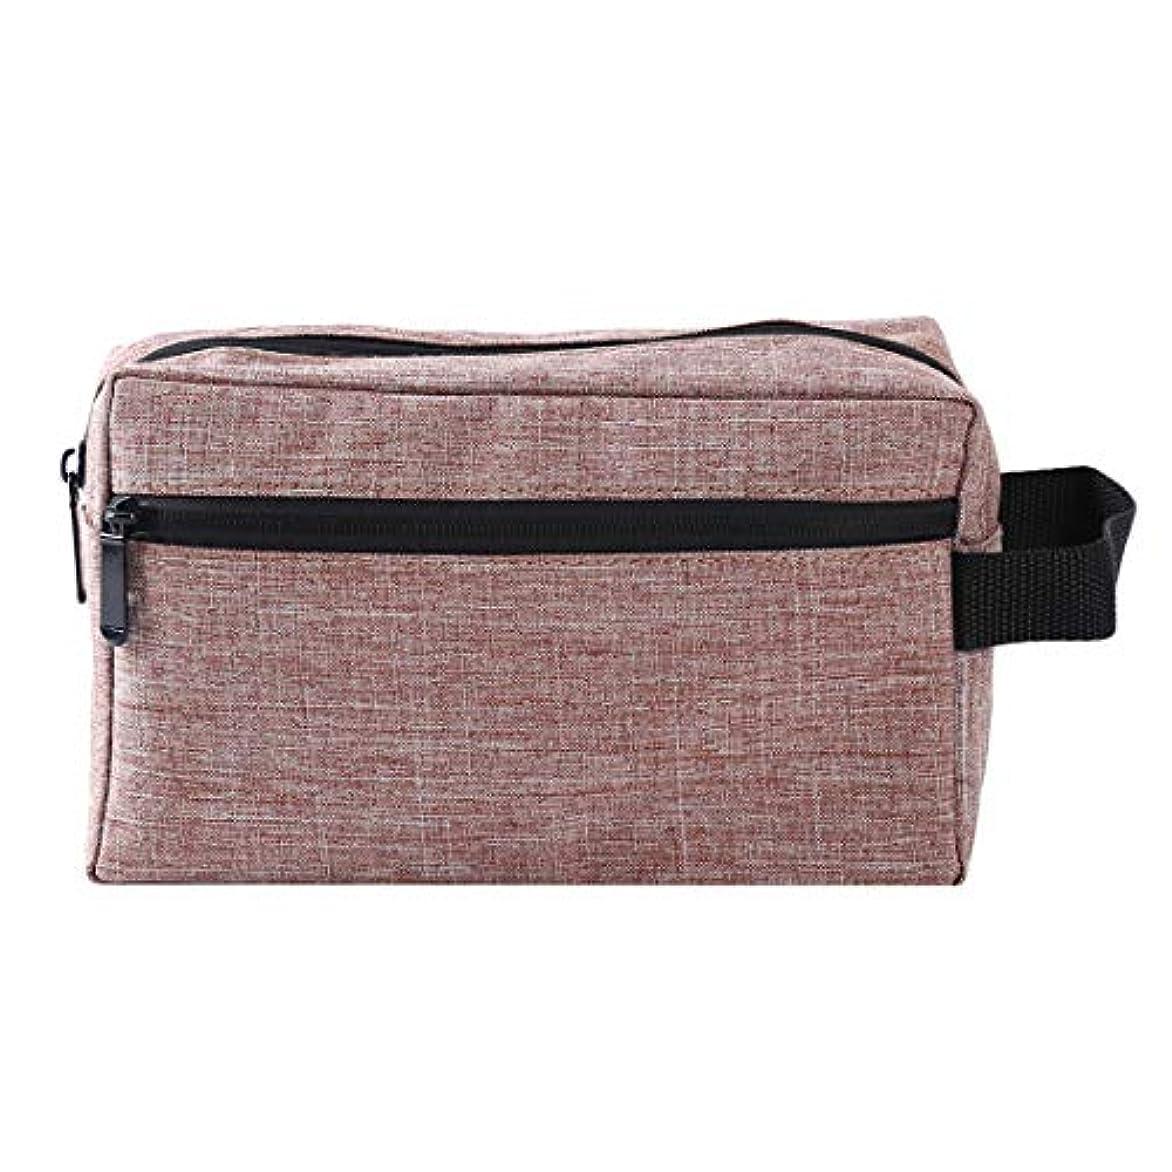 三角褐色タオルKLUMA 化粧ポーチ メイクポーチ コスメポーチ 化粧品収納バッグ 洗面用具入れ 持ち運び便利 普段使い 出張